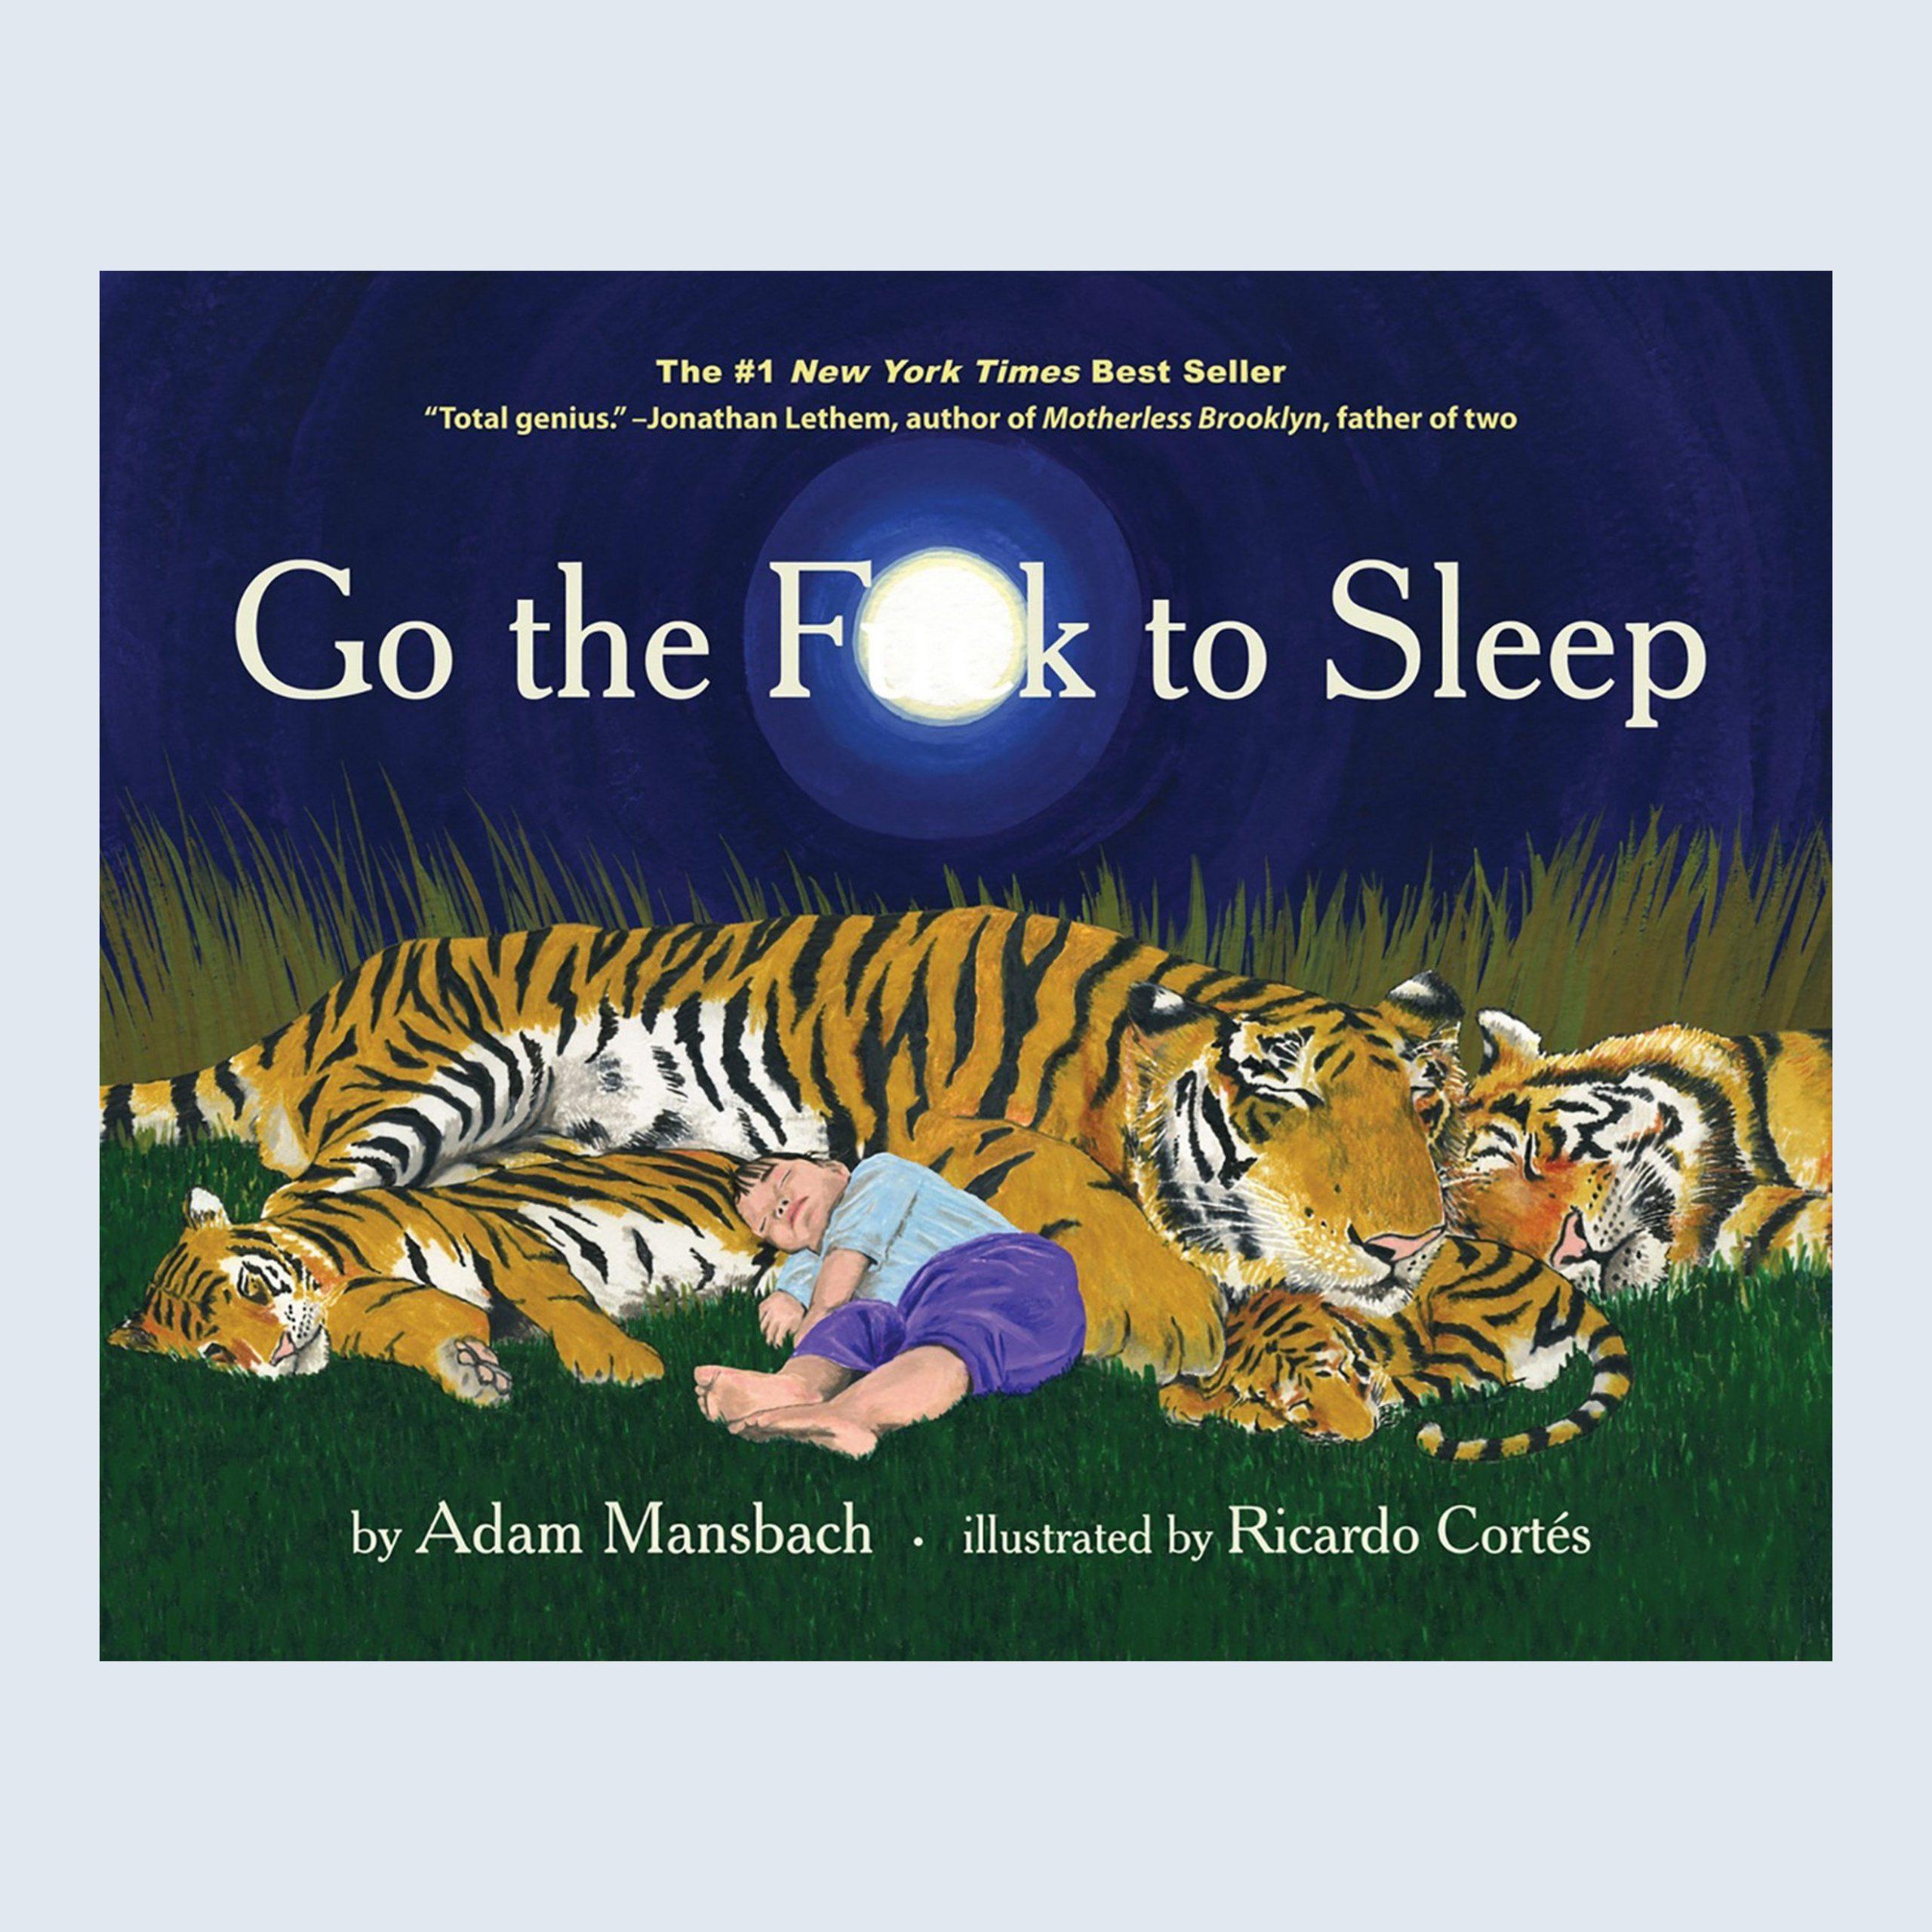 Go the [expletive] to Sleep